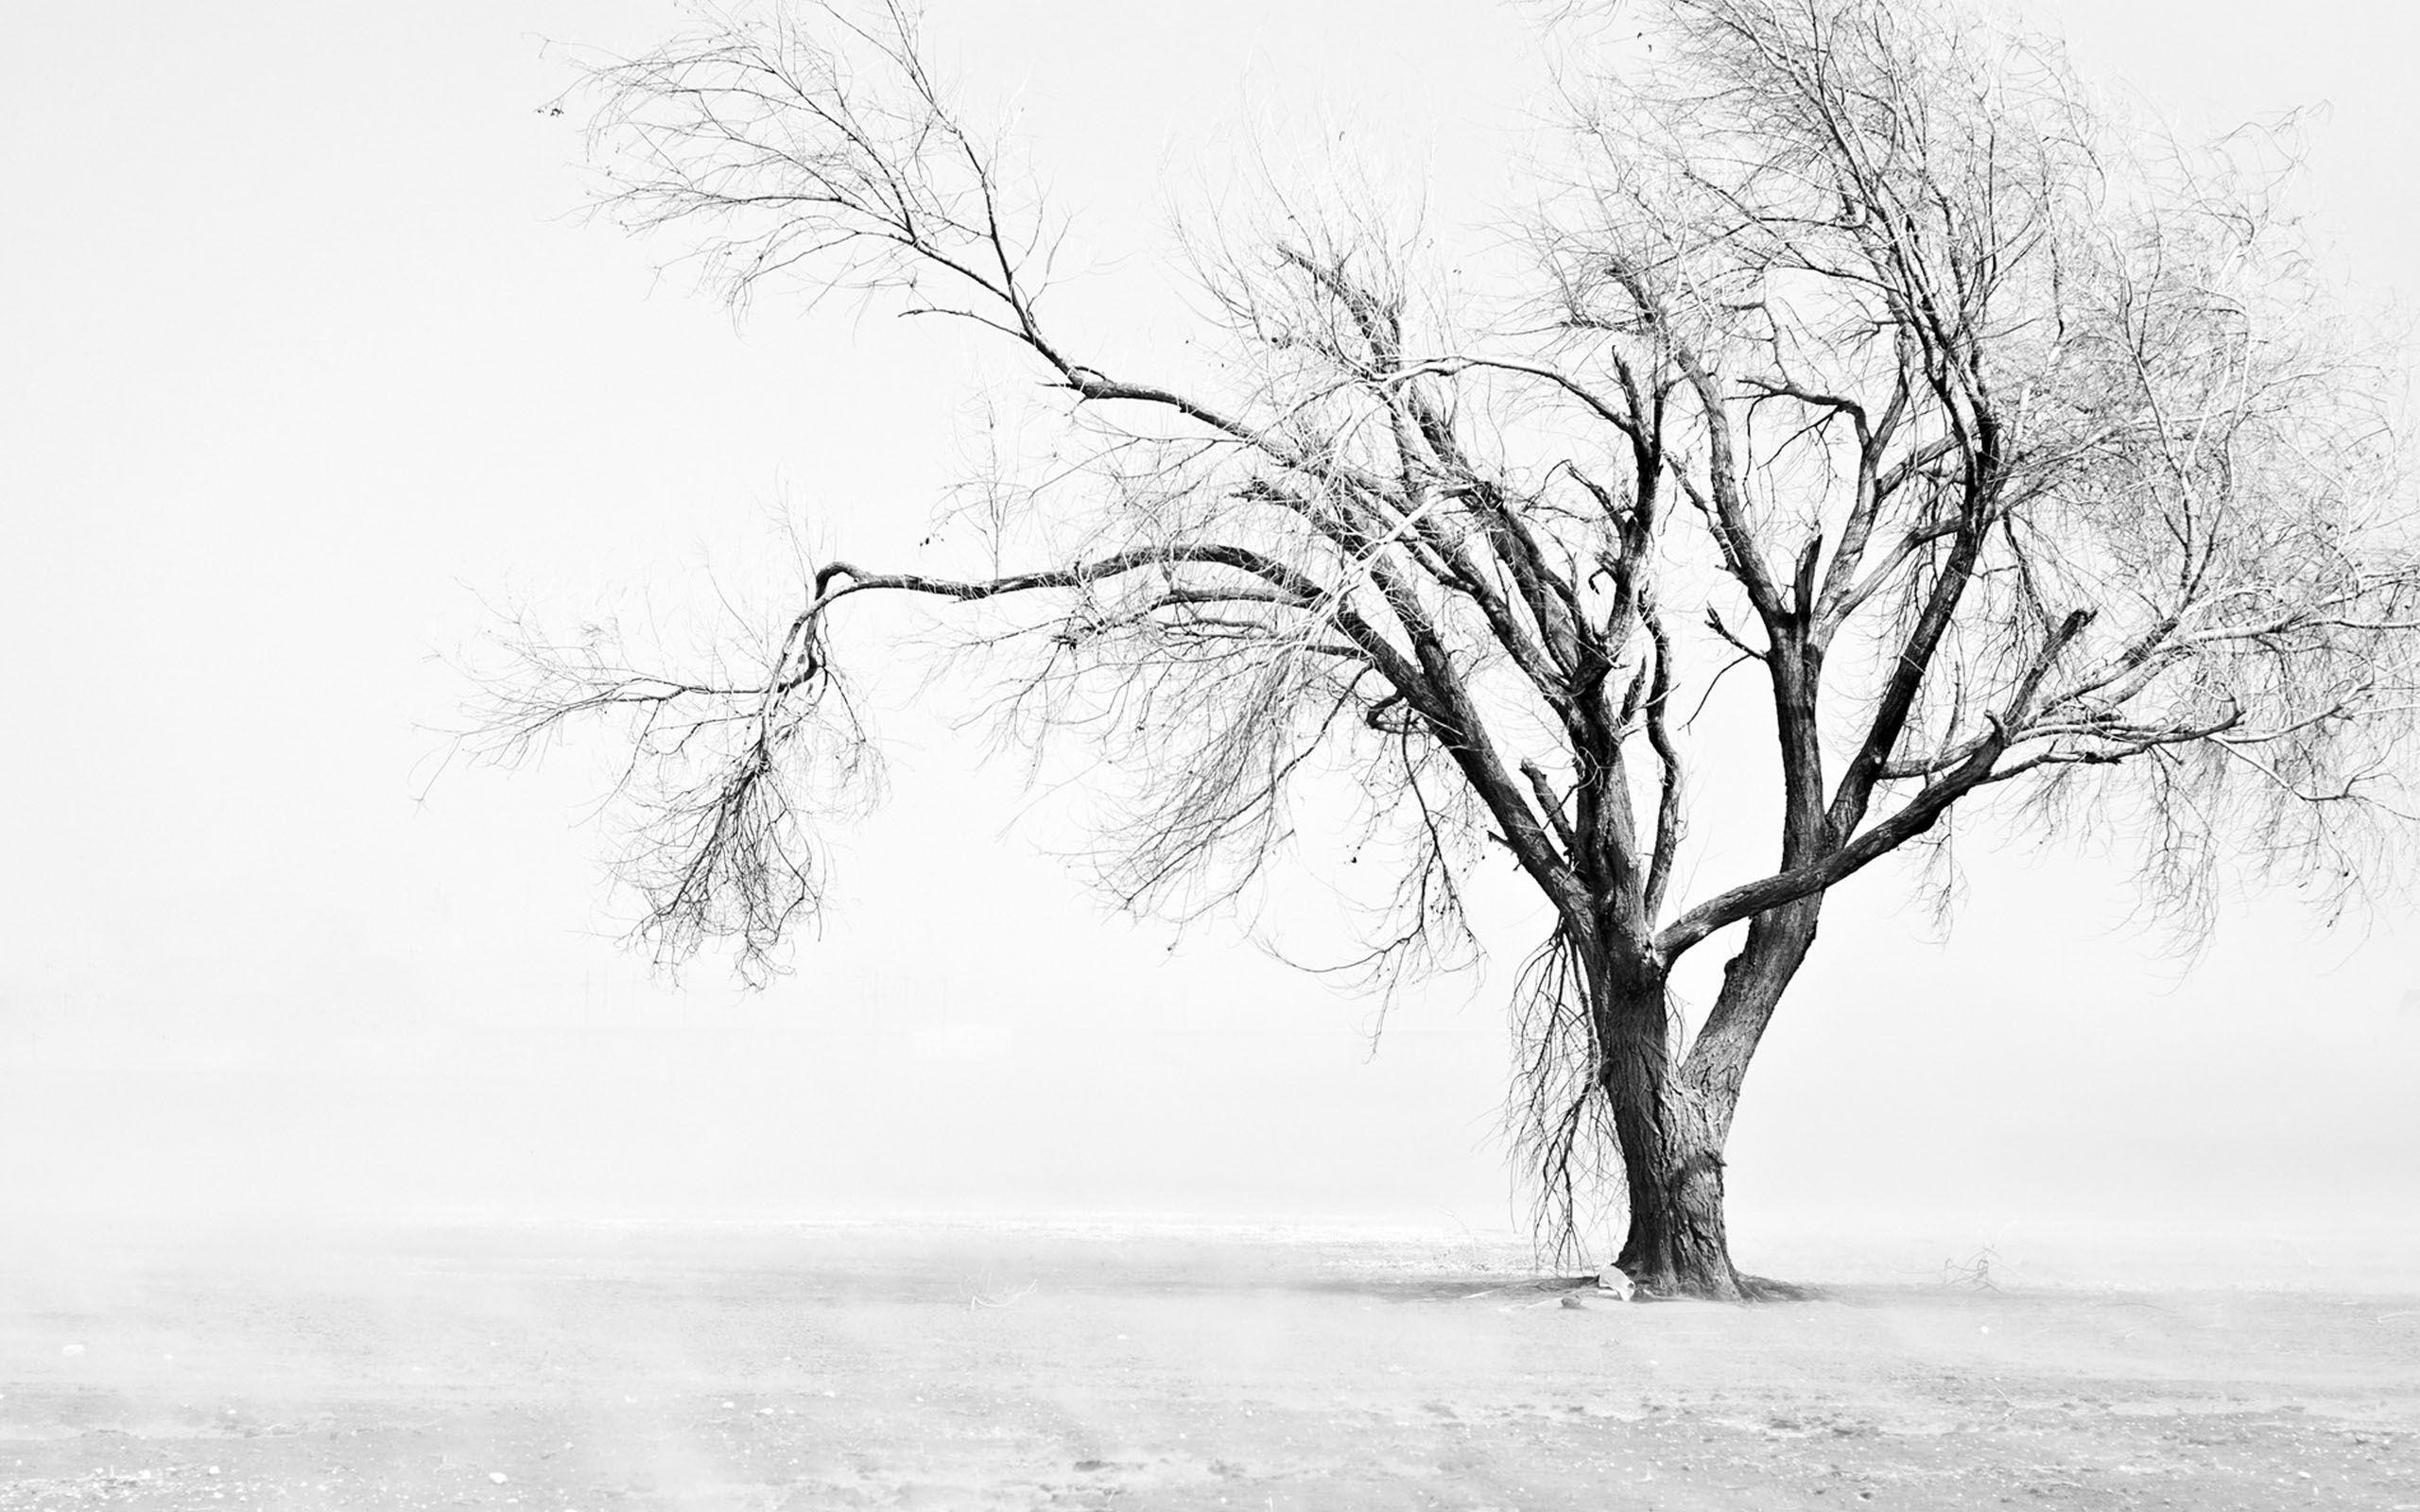 041c647a962 ... Vector Pintado Hermoso árbol Nevado Vector Pintado A Mano Snow Árbol de Navidad  verde nevado de 180cm YUKON Ref. 17701152 Leroy arbol nevado Coca Cuadro ...